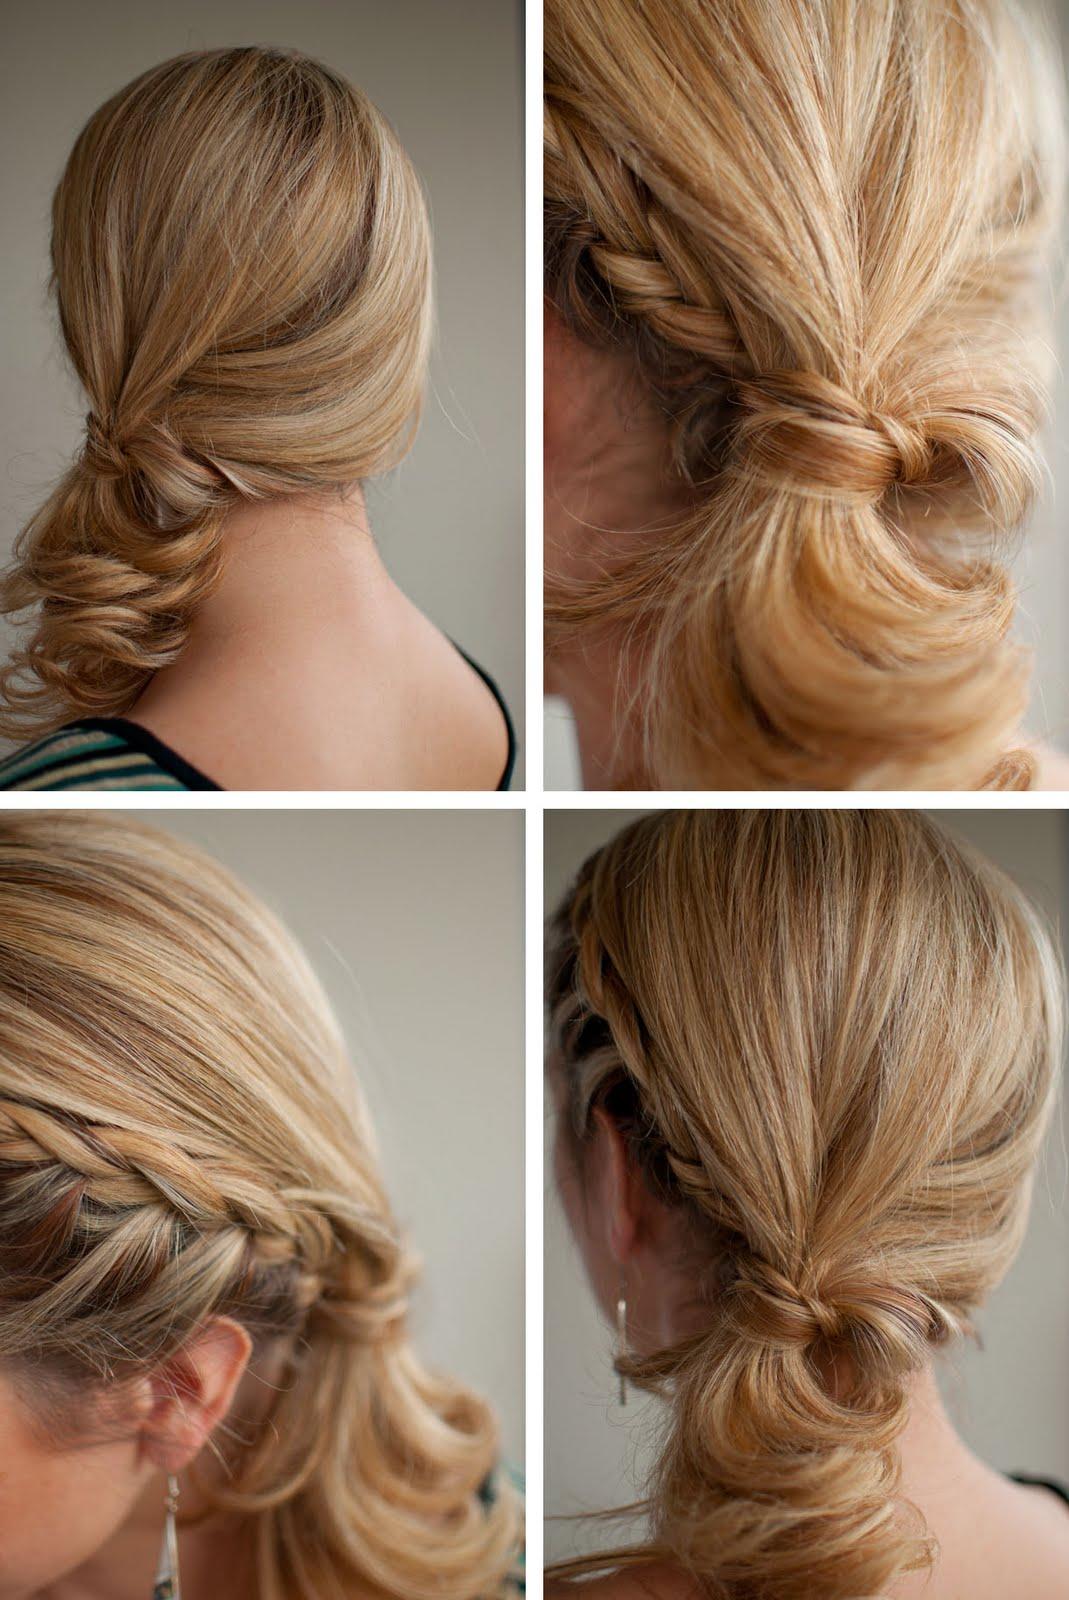 Popular Ponytail Hair Styles | MegaPics